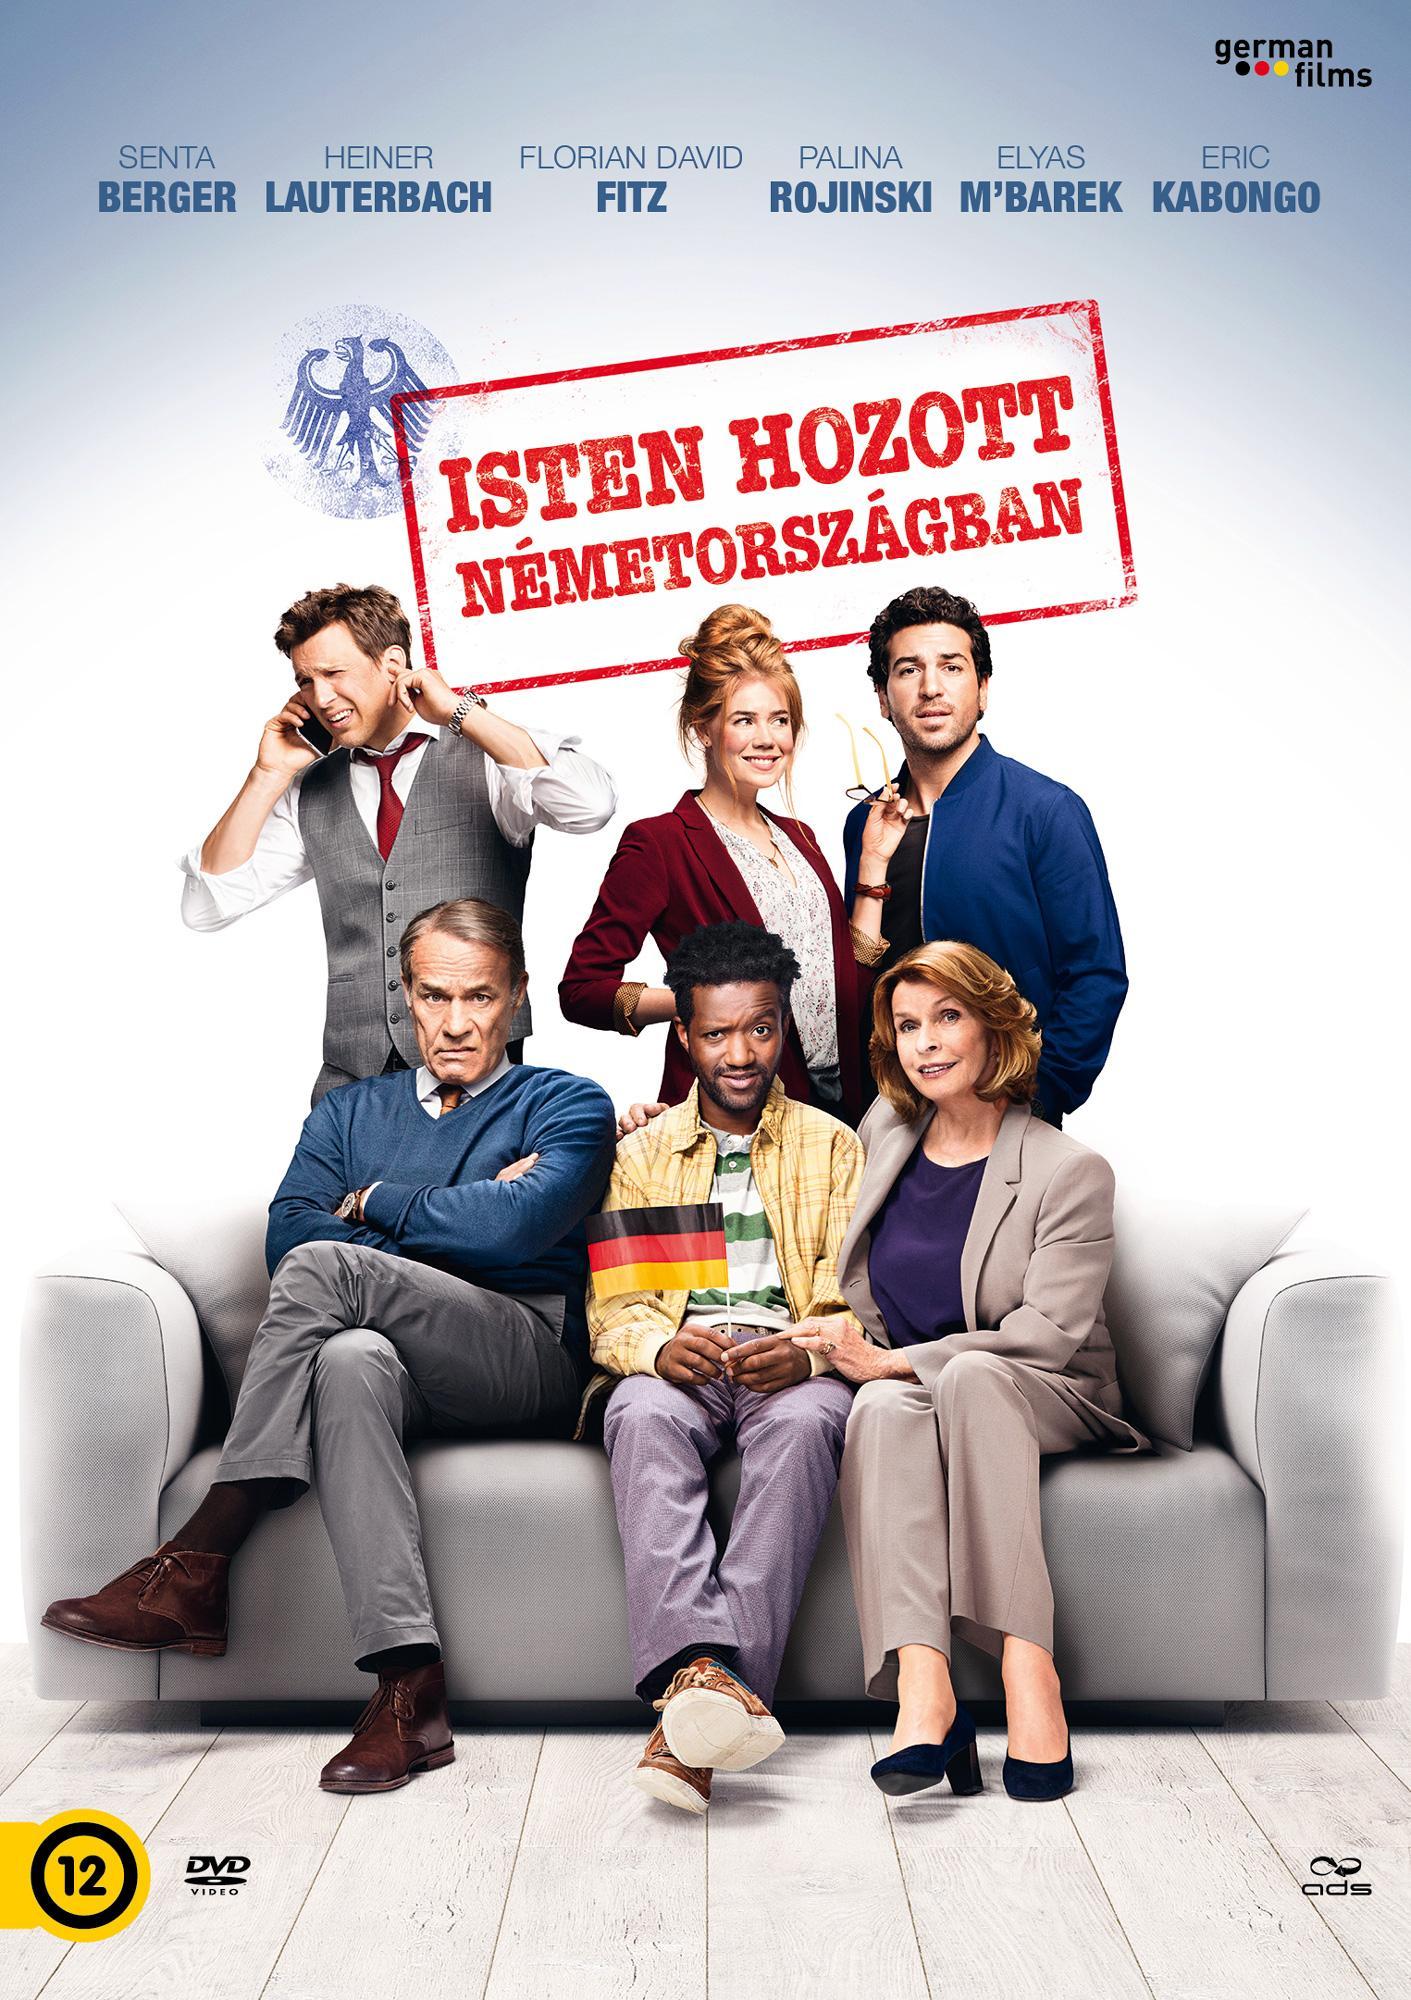 - ISTEN HOZOTT NÉMETORSZÁGBAN - DVD -